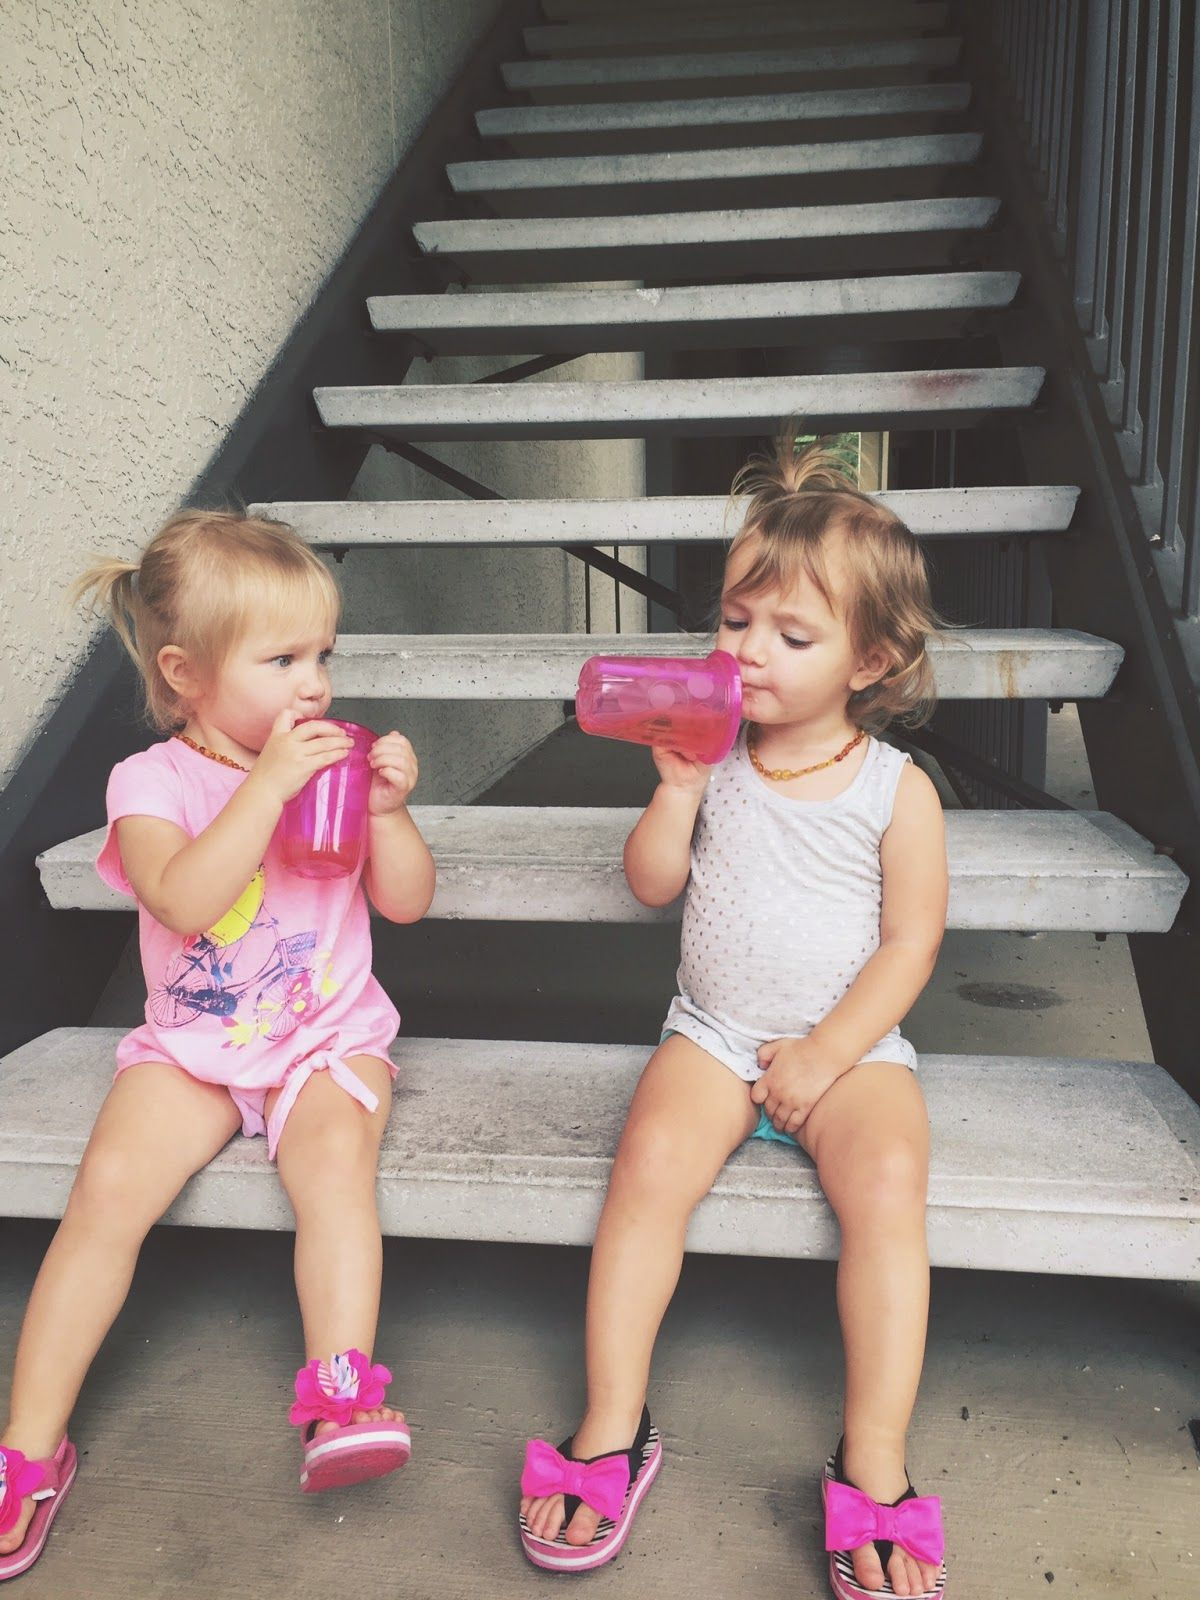 Allan Fray : Potty training girl twins